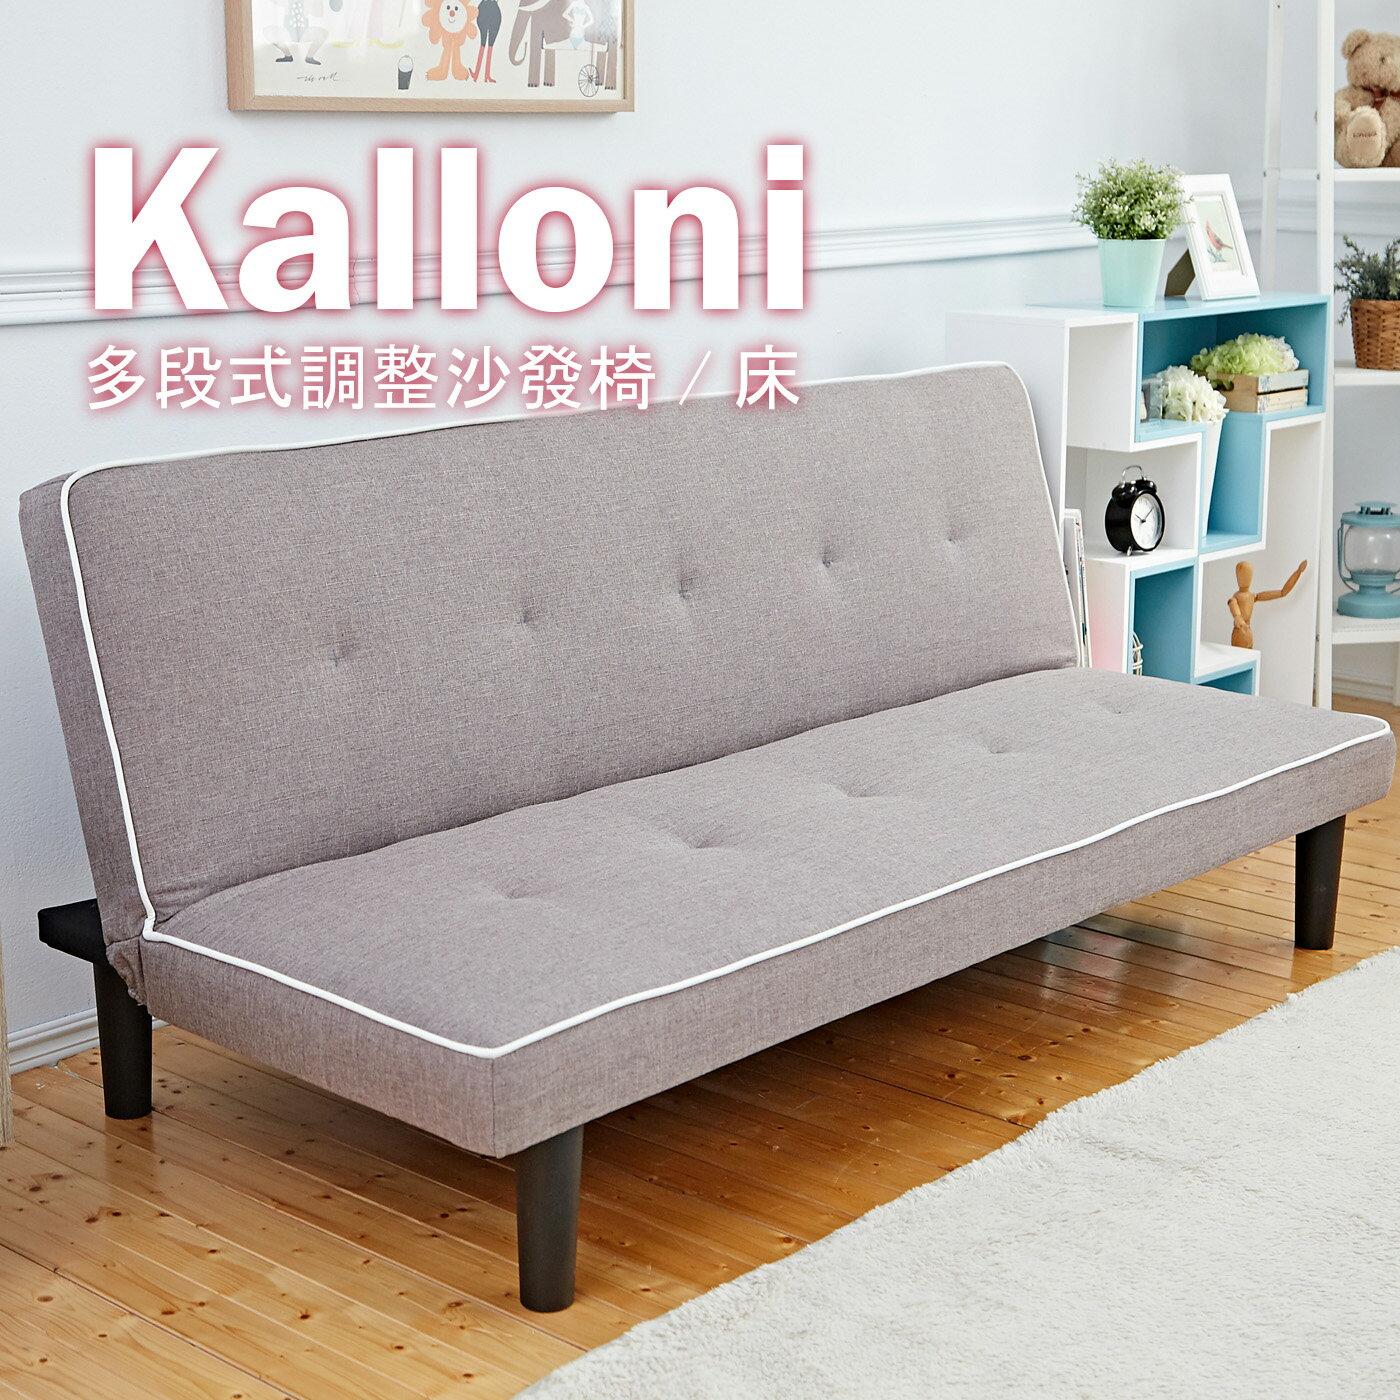 Kalloni卡洛尼多段式調整沙發床/布沙發椅★班尼斯國際家具名床 3